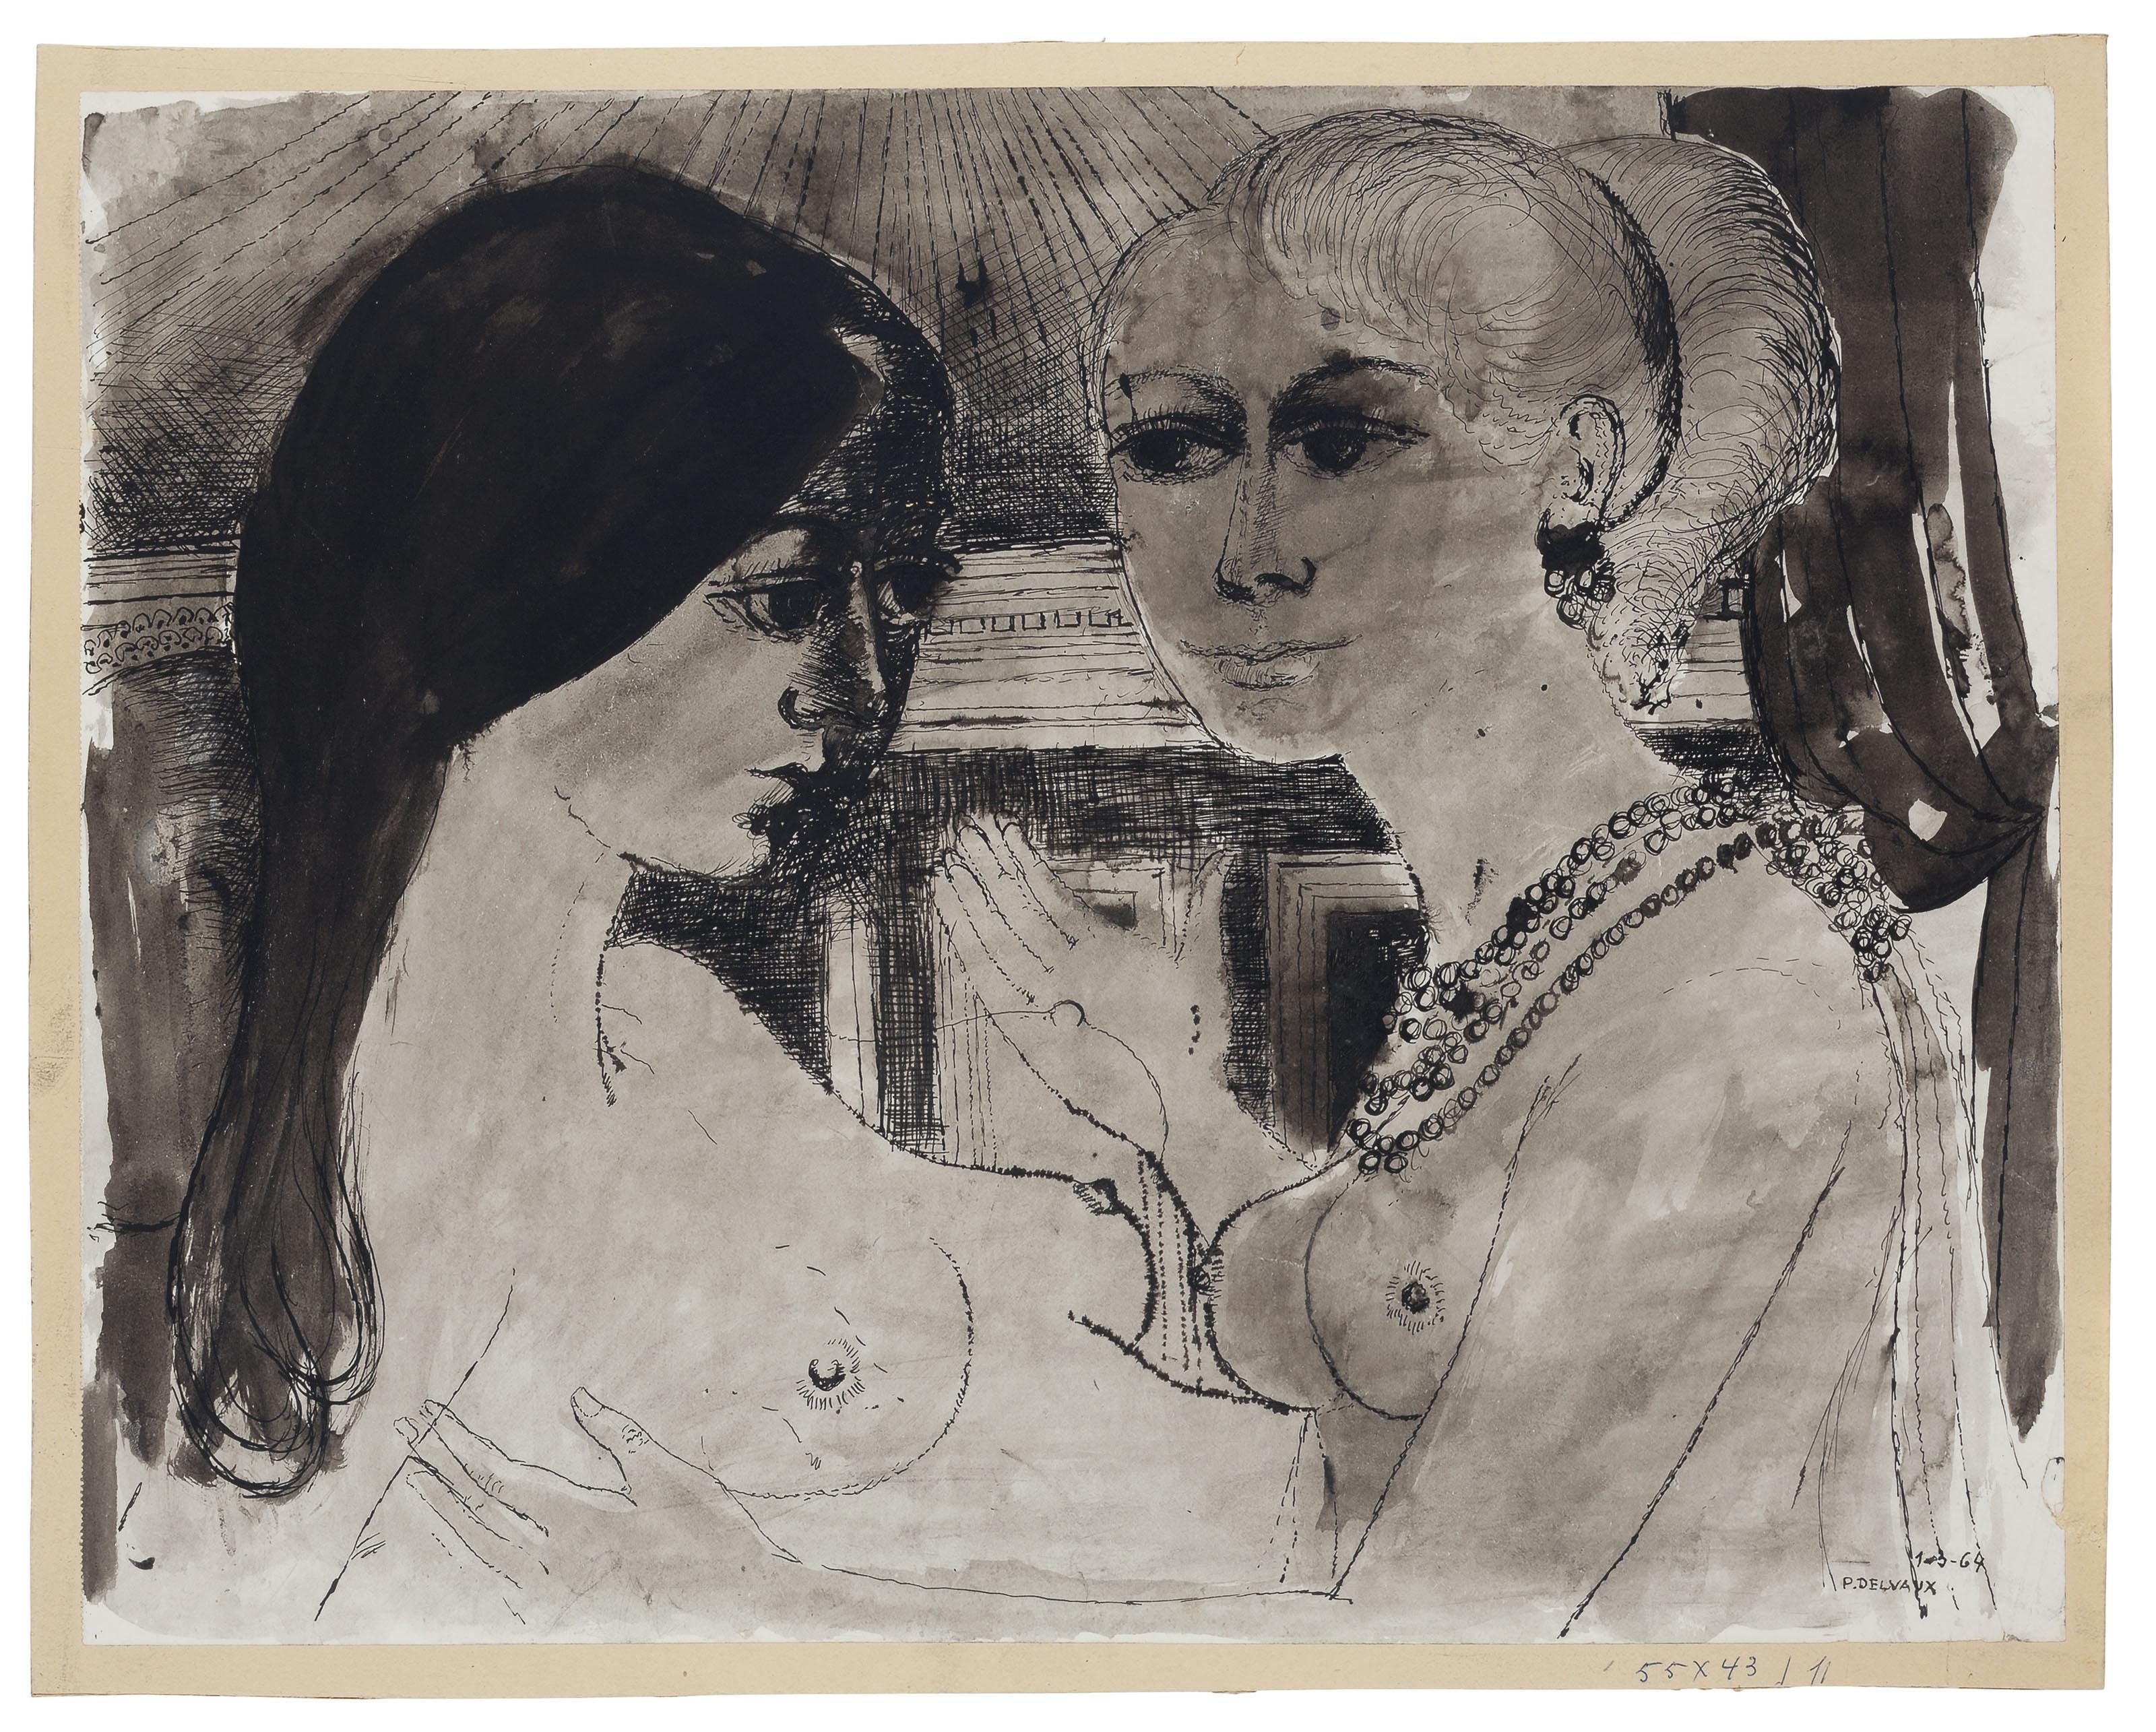 Paul Delvaux (Belgian, 1897-19